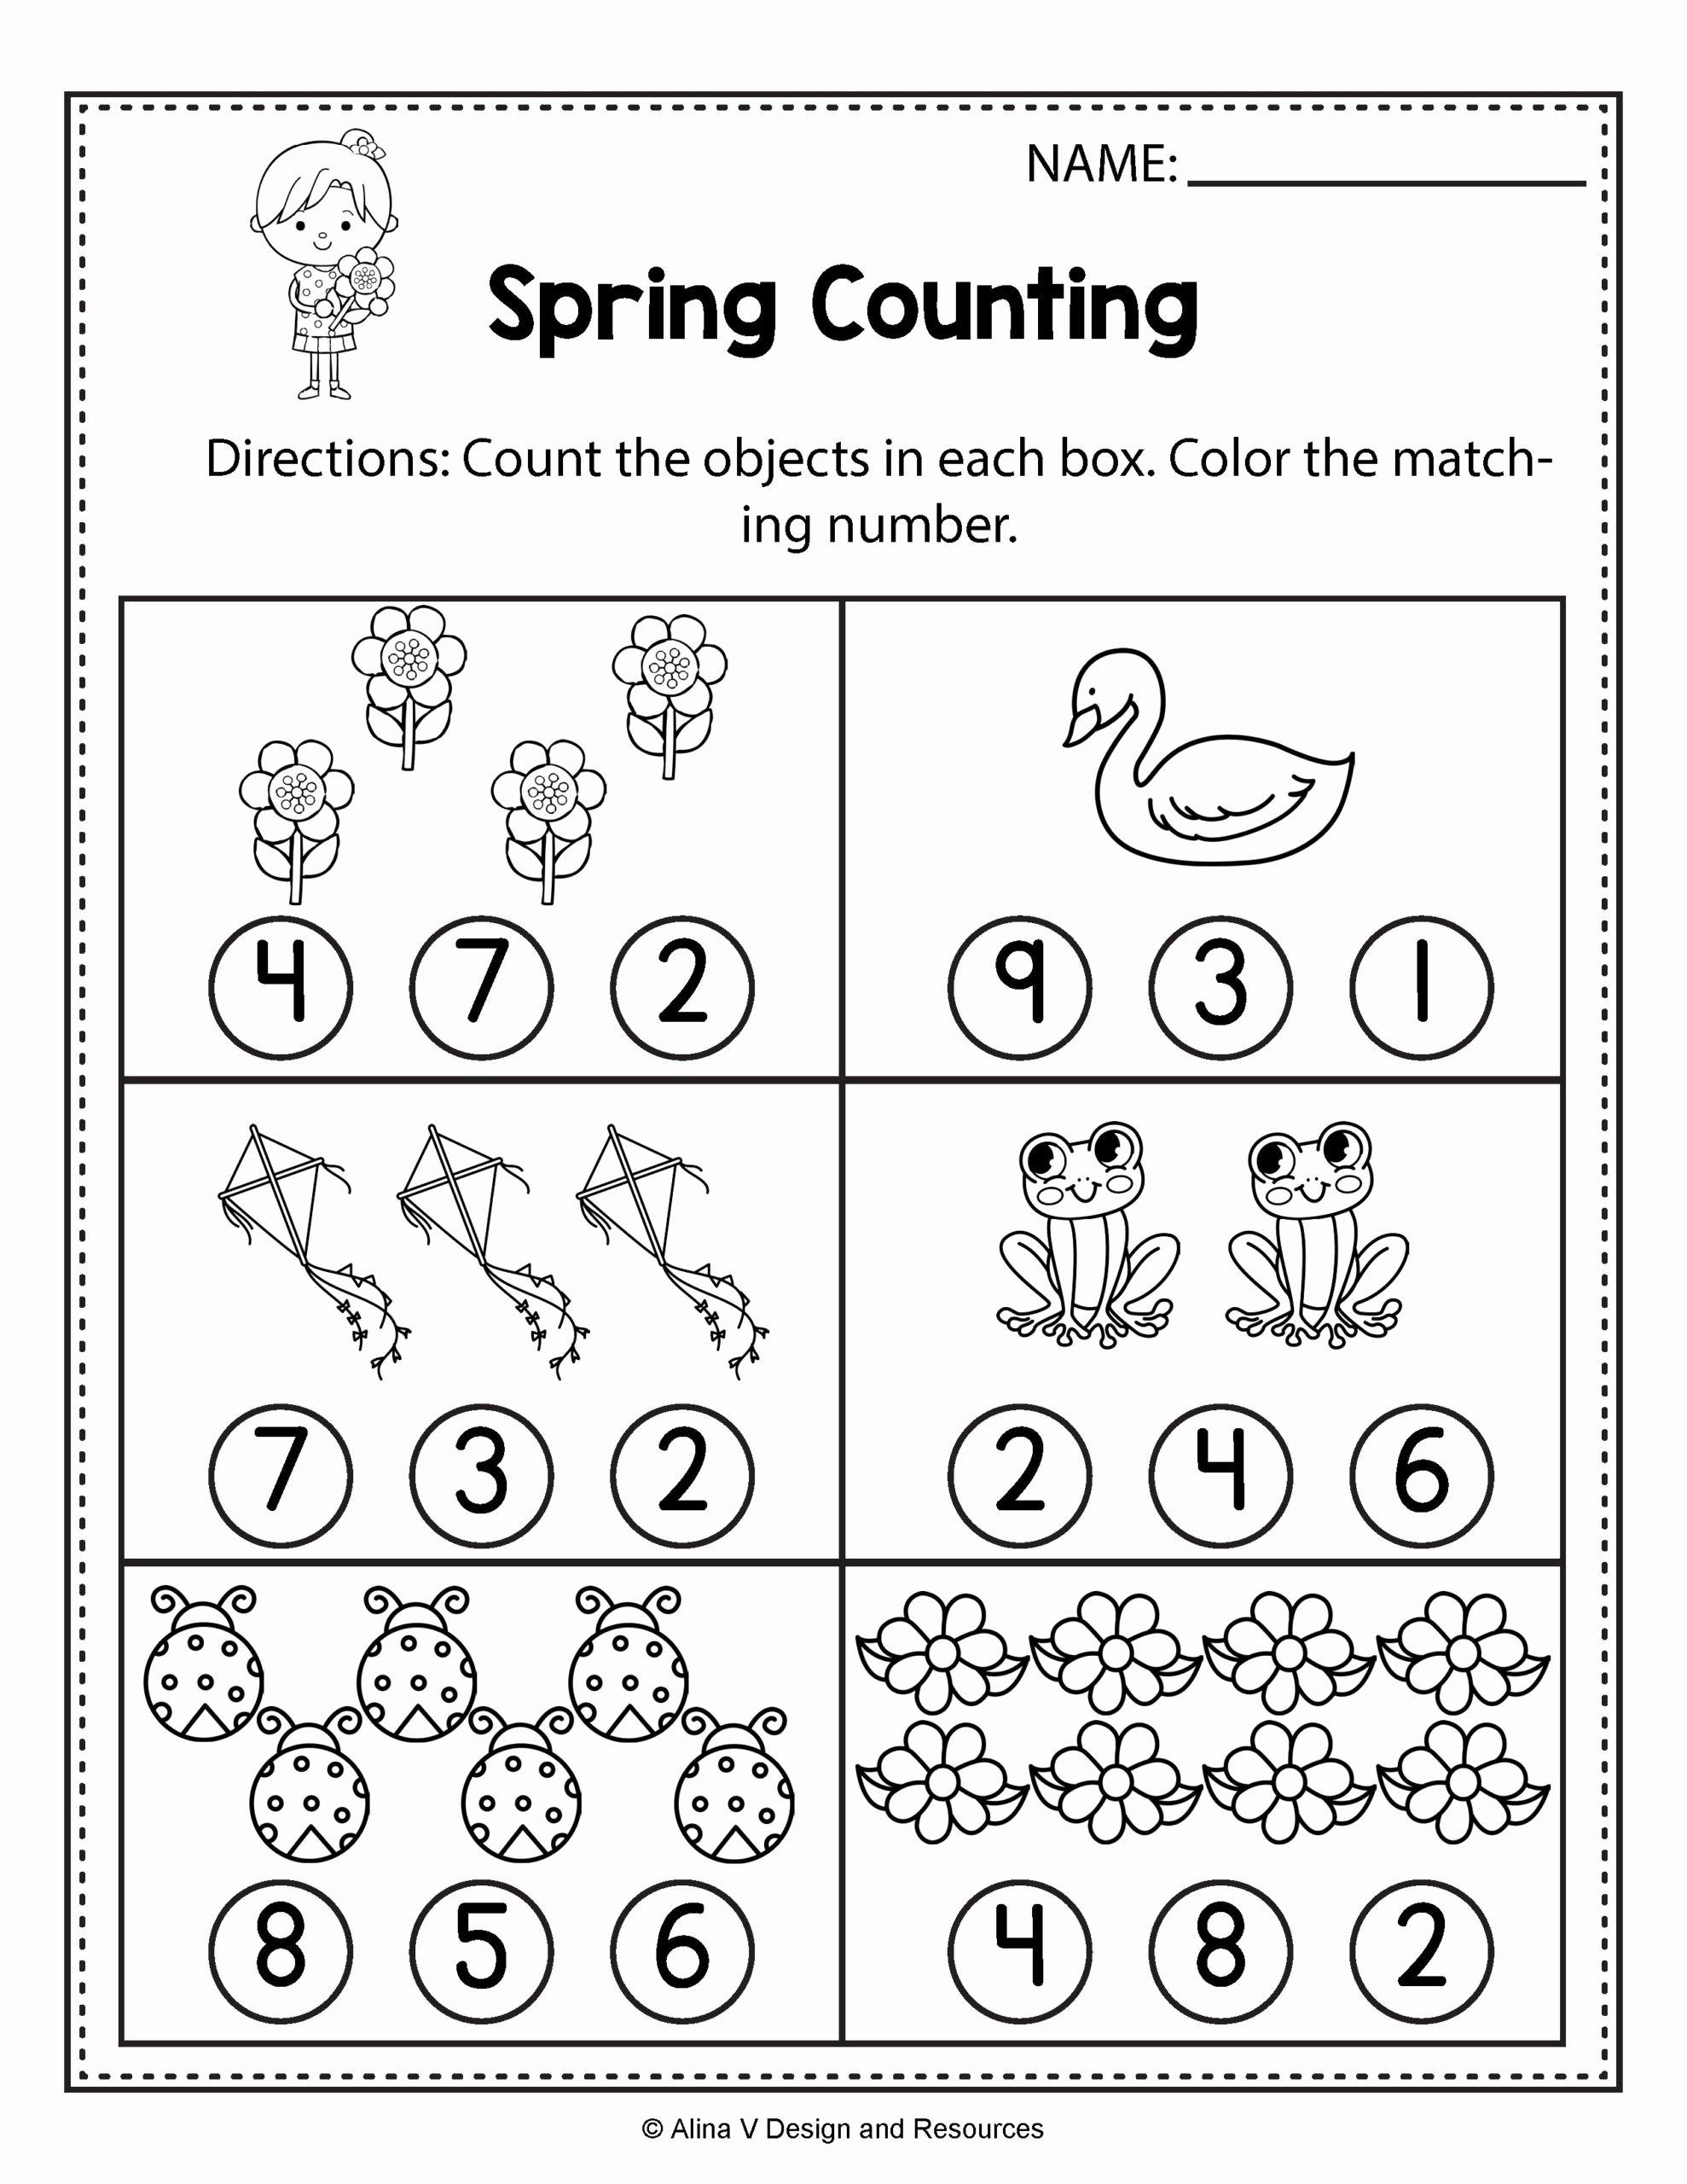 March Worksheets for Preschoolers Unique Weather Activities Worksheet for Preschool Printable